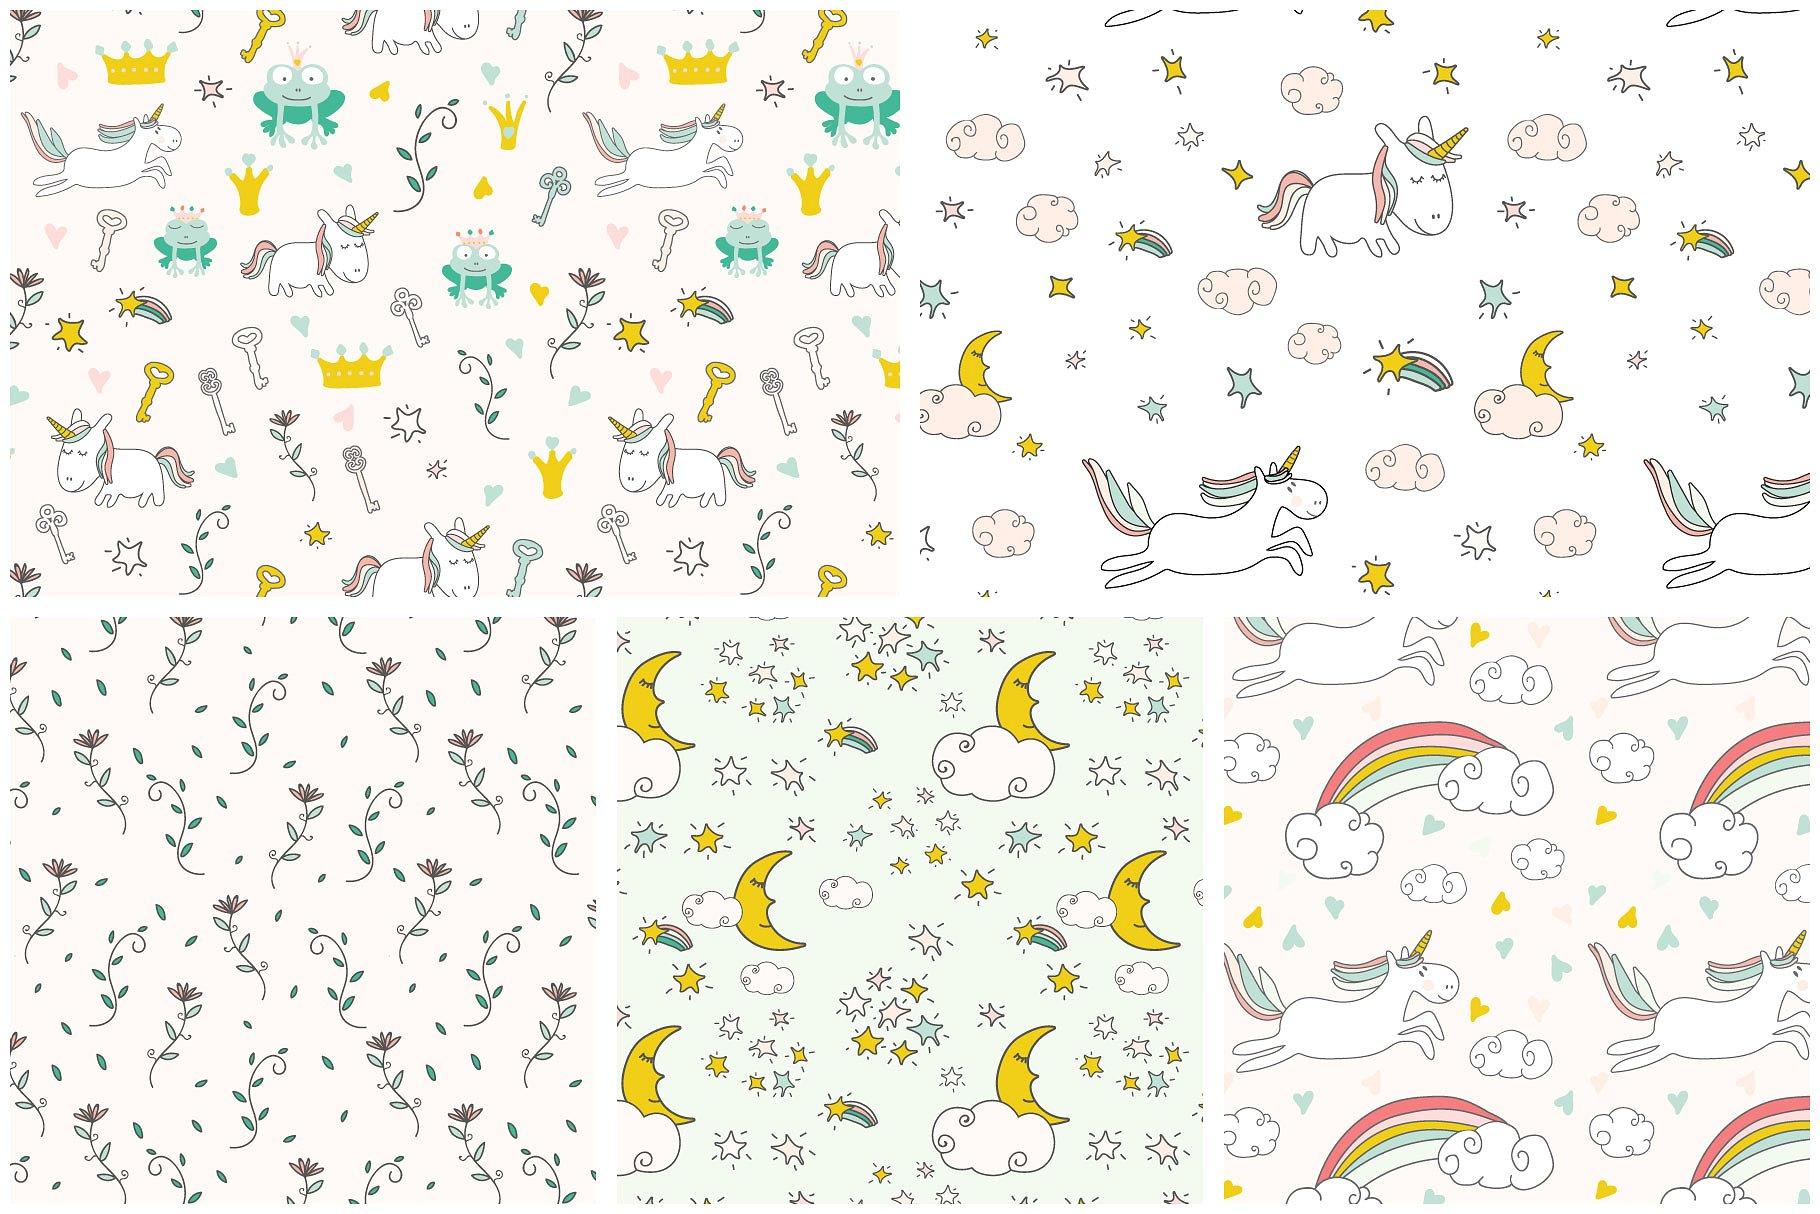 unicorns2-1-1.jpg